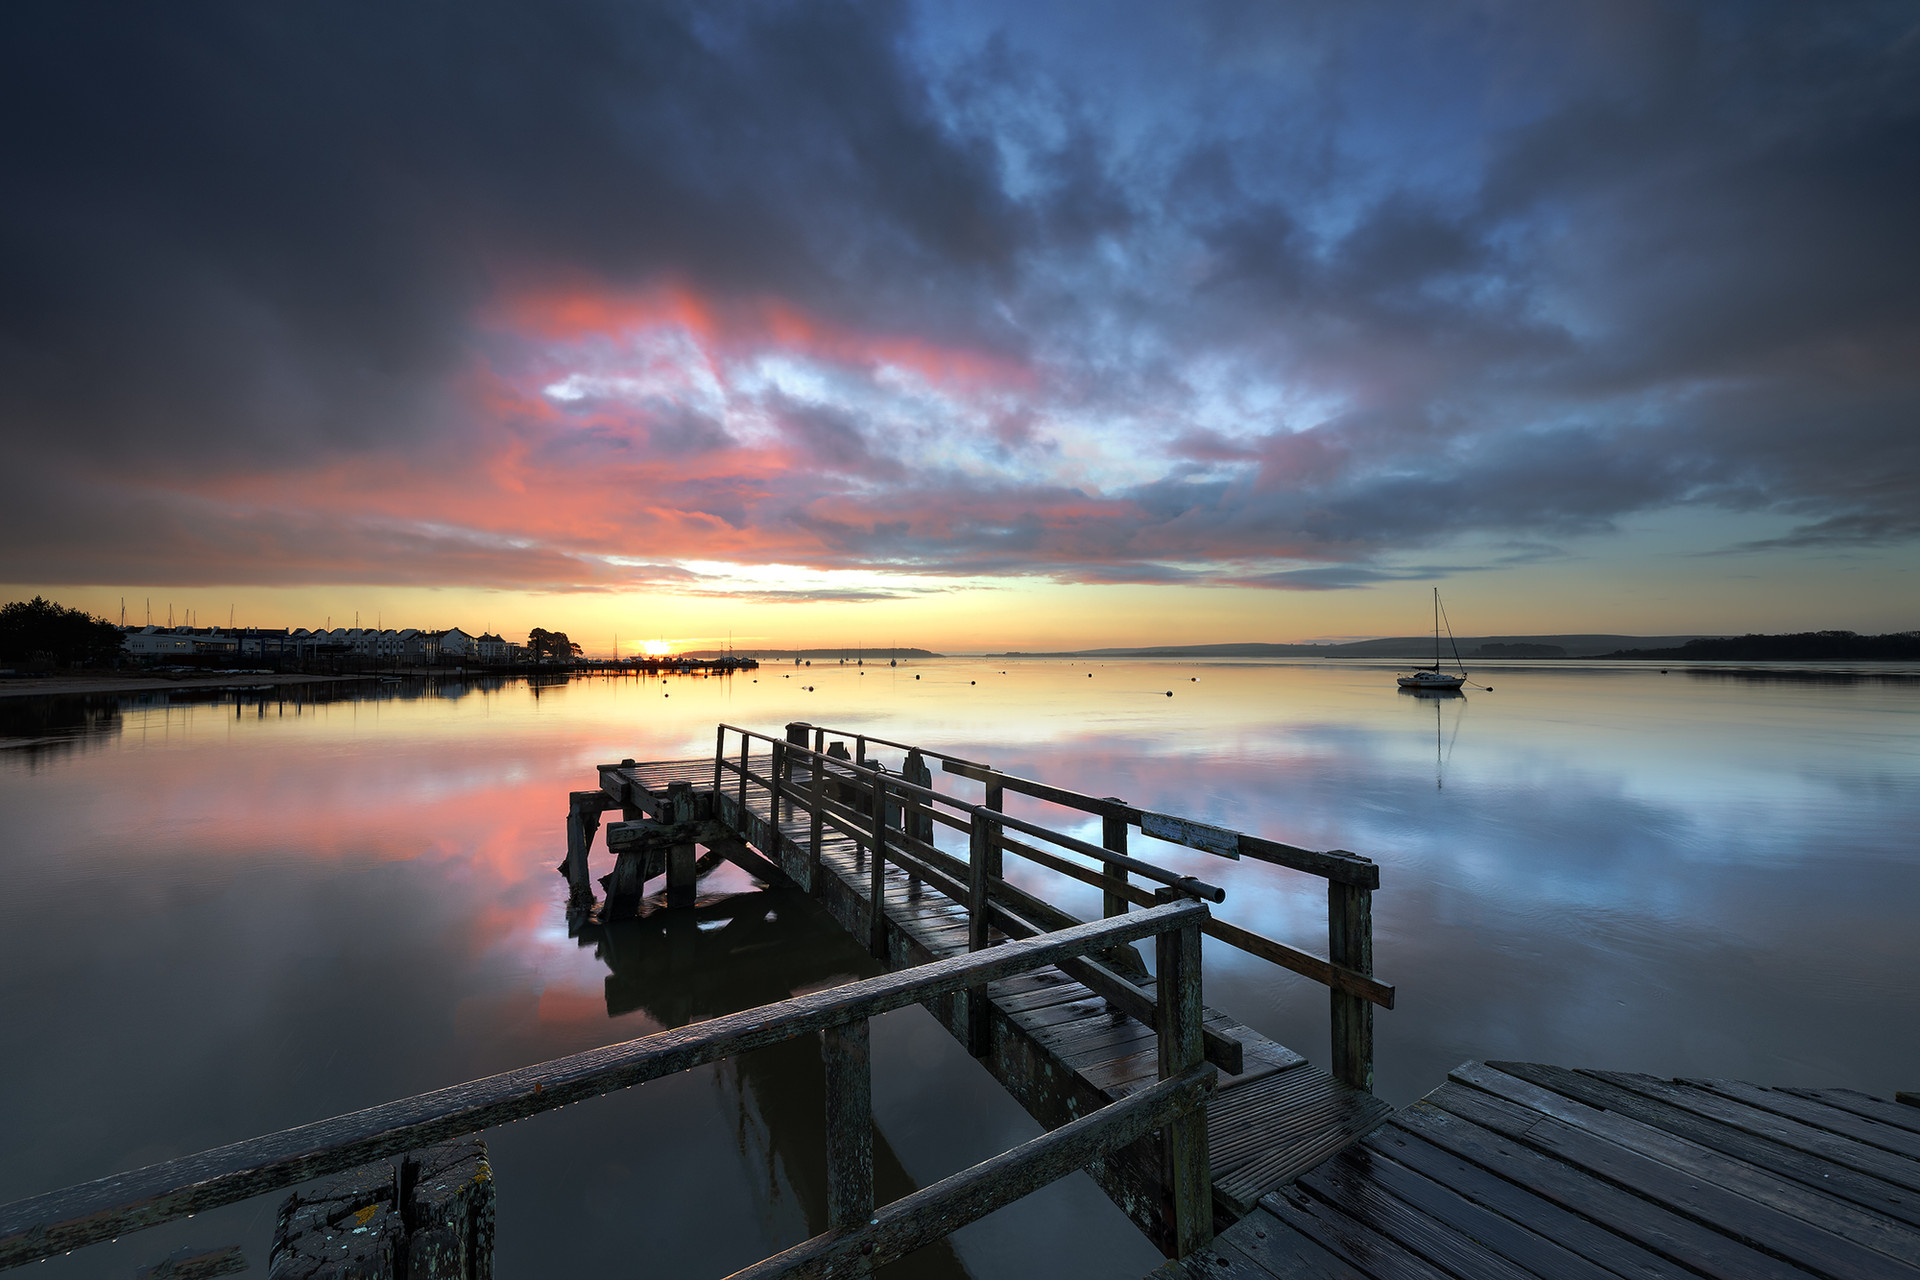 Sunrise at Lake Pier